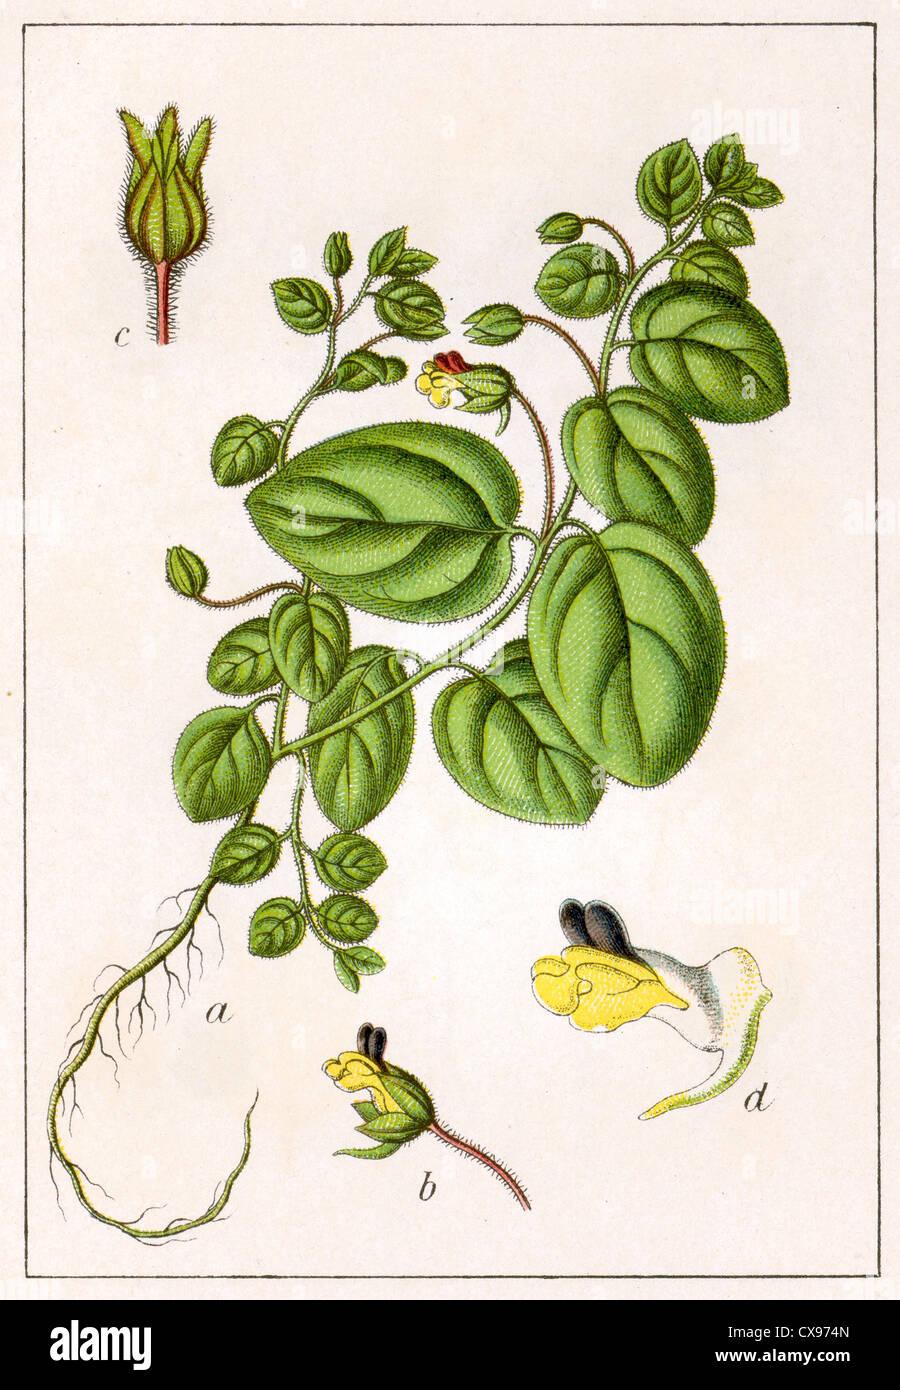 Antirrhinum spurium - Stock Image